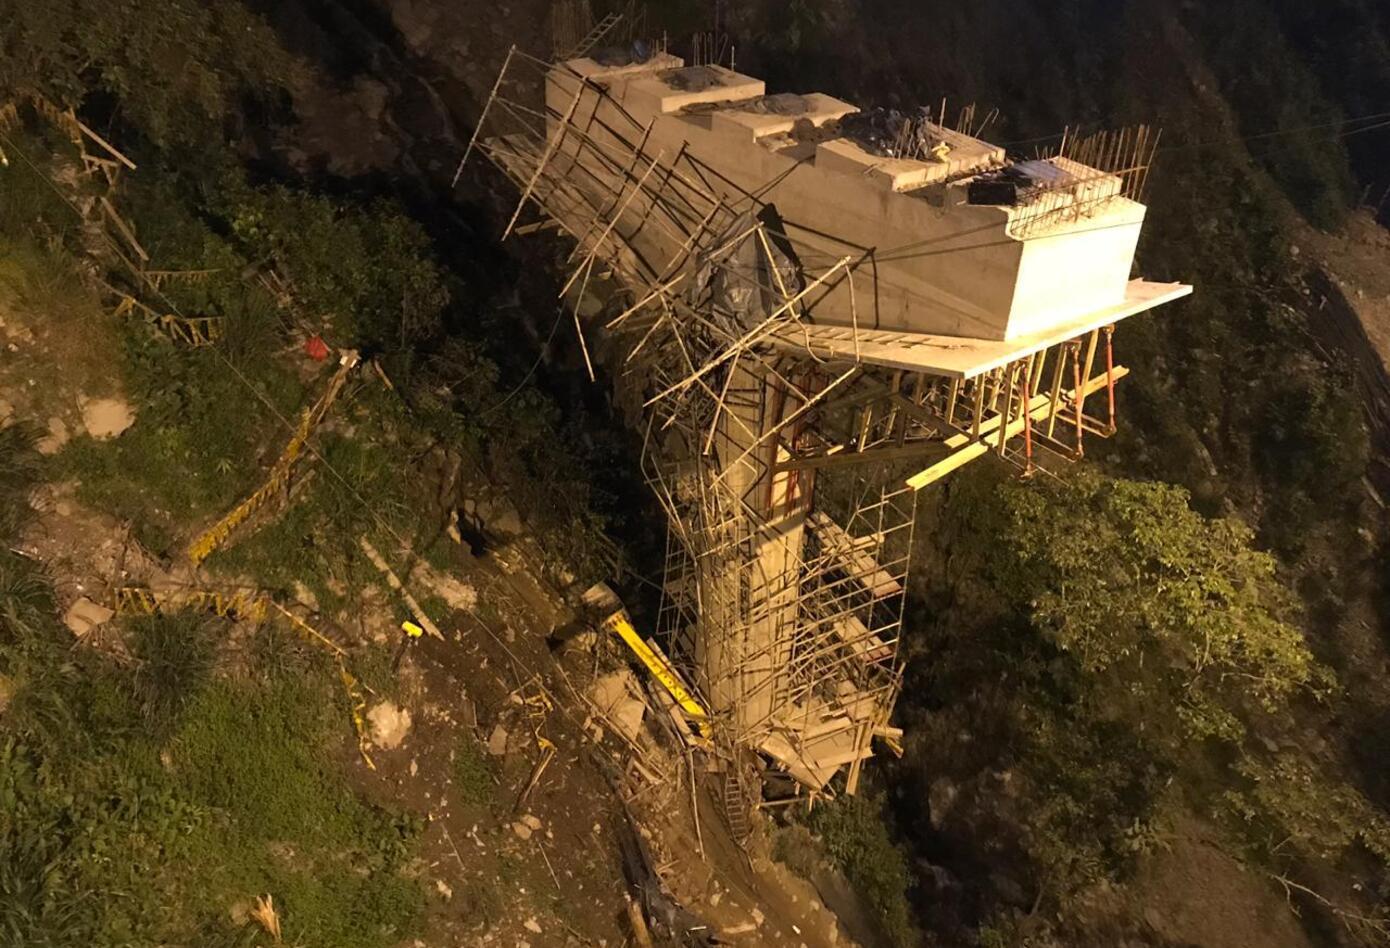 El nuevo accidente en la Vía al Llano dejo 5 personas muertas.